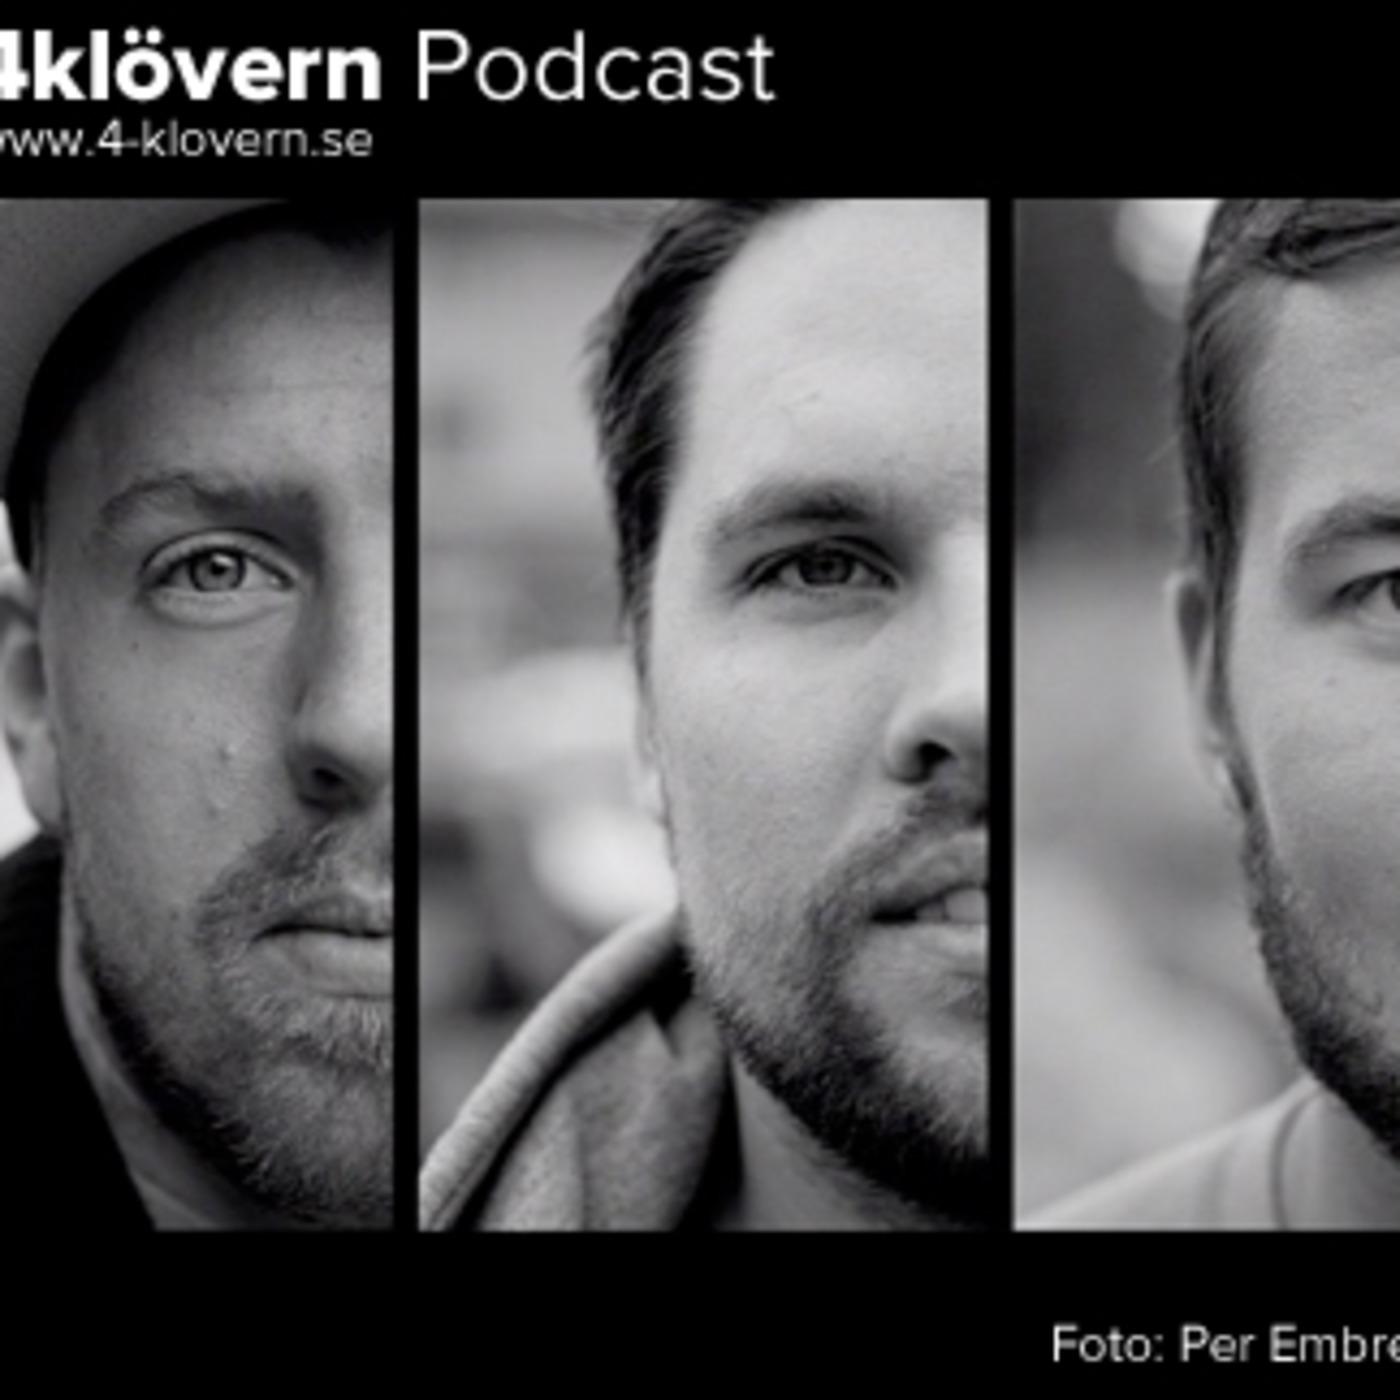 4klövern Podcast